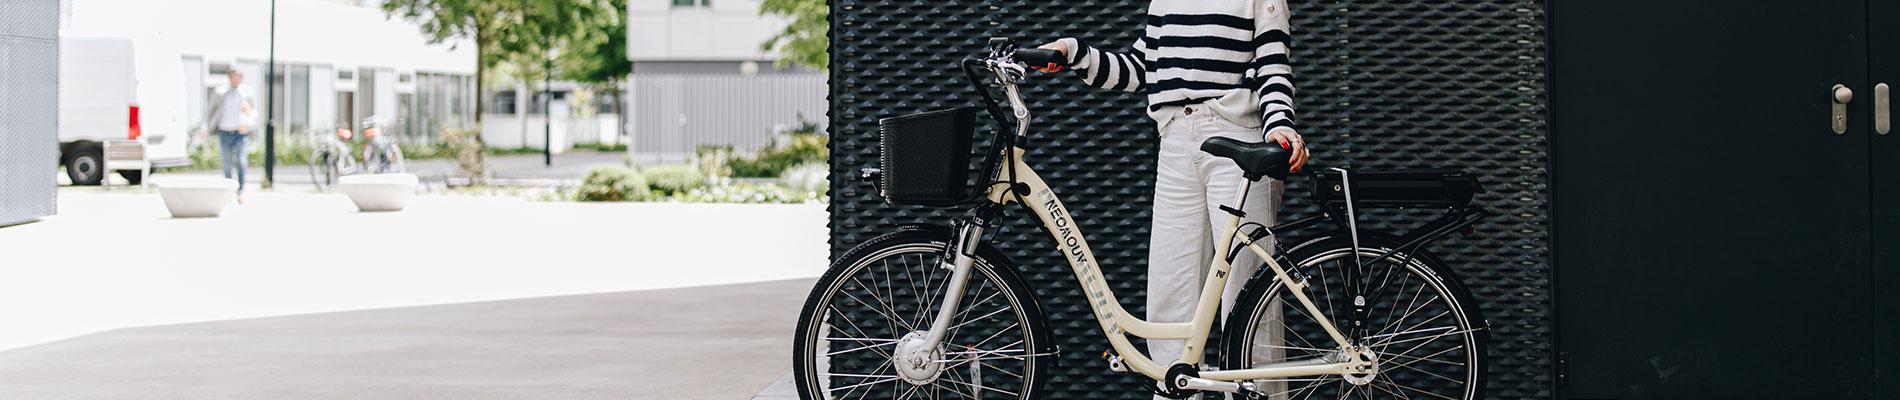 Veículos Elétricos - E-bike agora é VoltStore